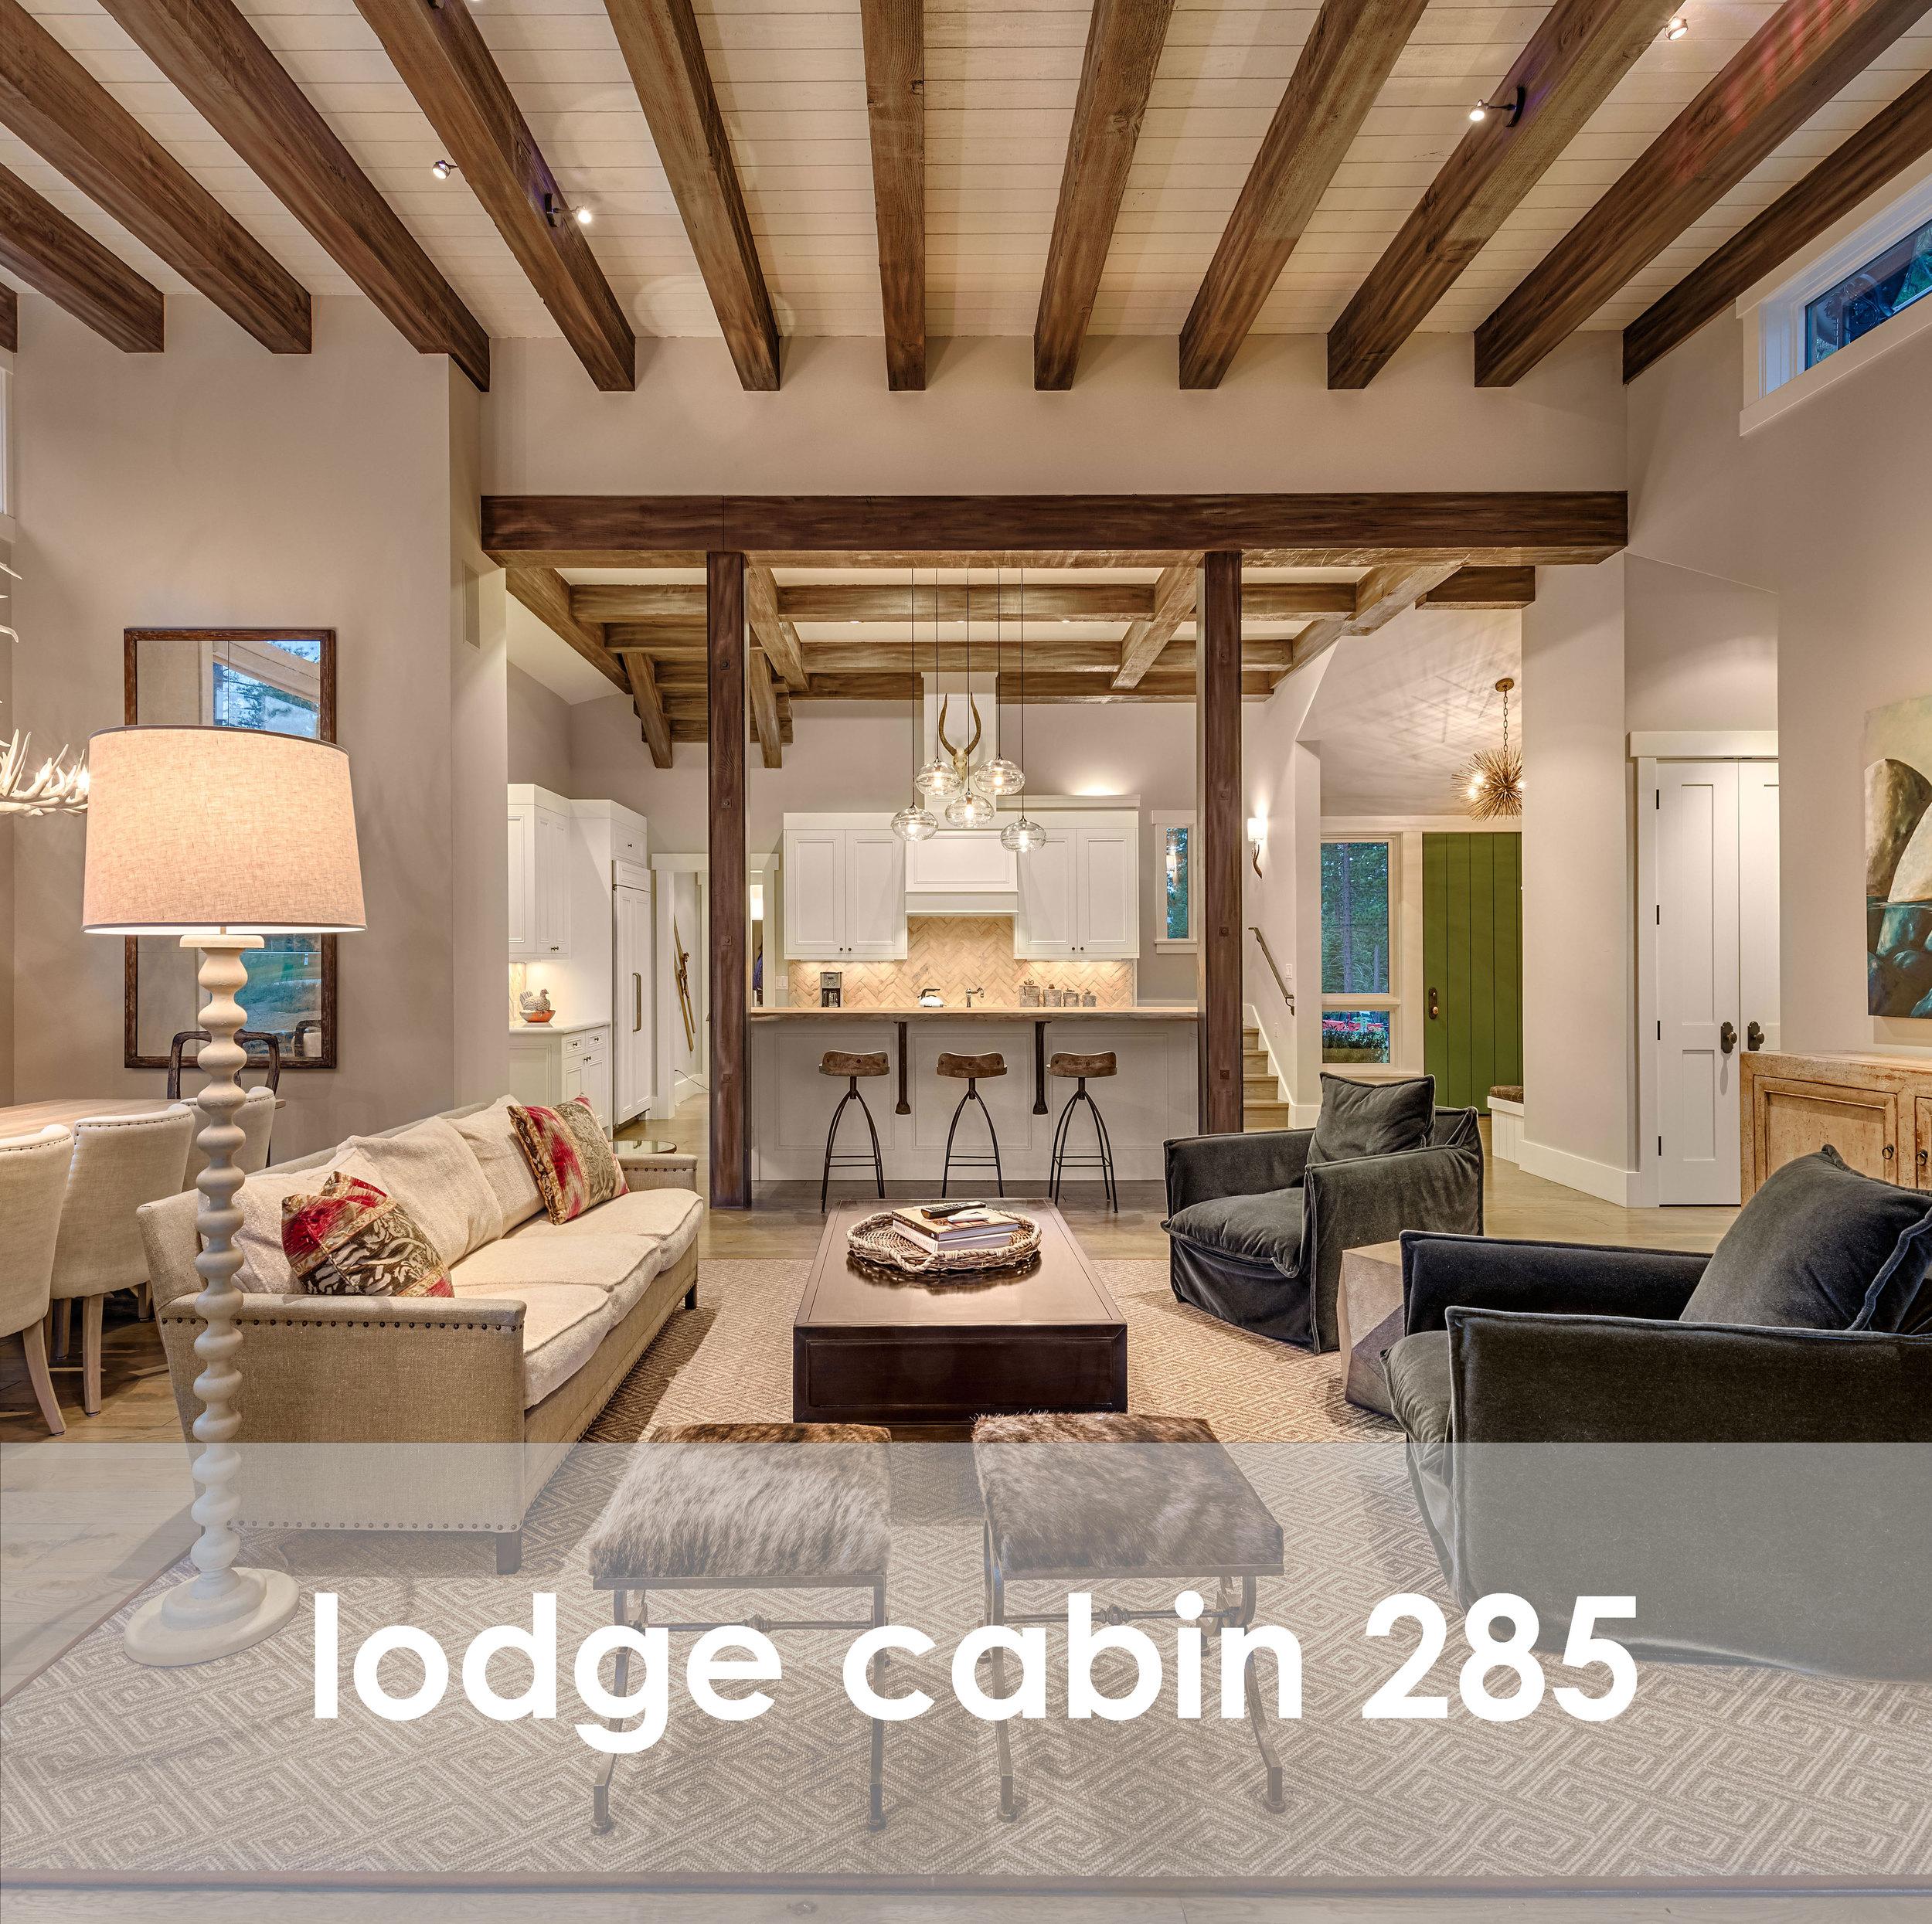 lodge-cabin-285.jpg